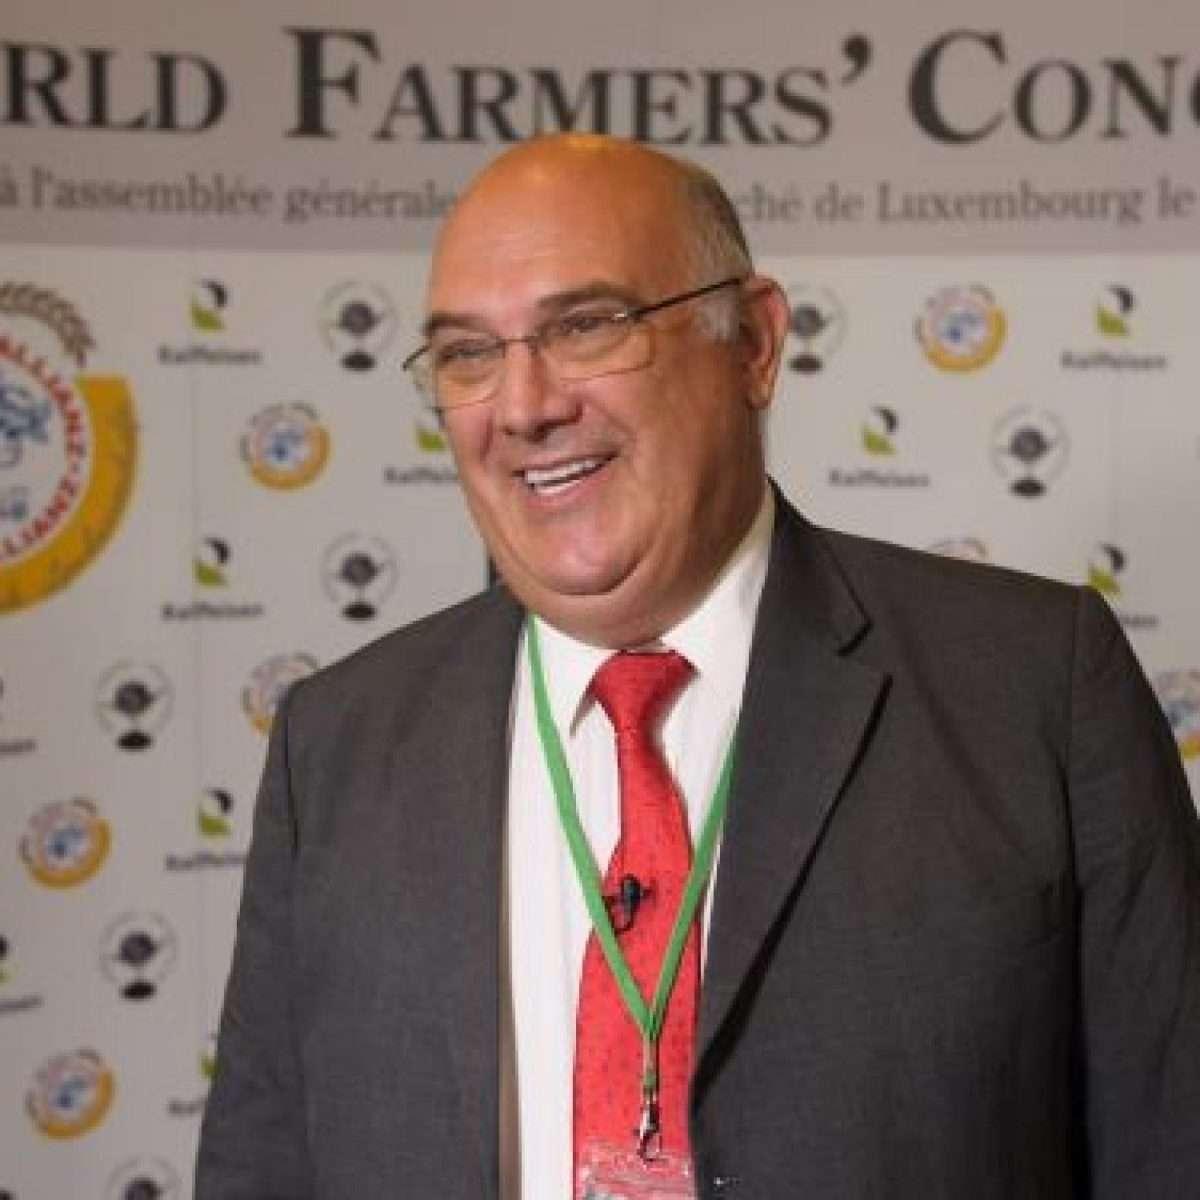 """SudAfrica: niente armi ai farmers, la proposta che fa infuriare. De Jager: """"illogico, ci opporremo"""""""